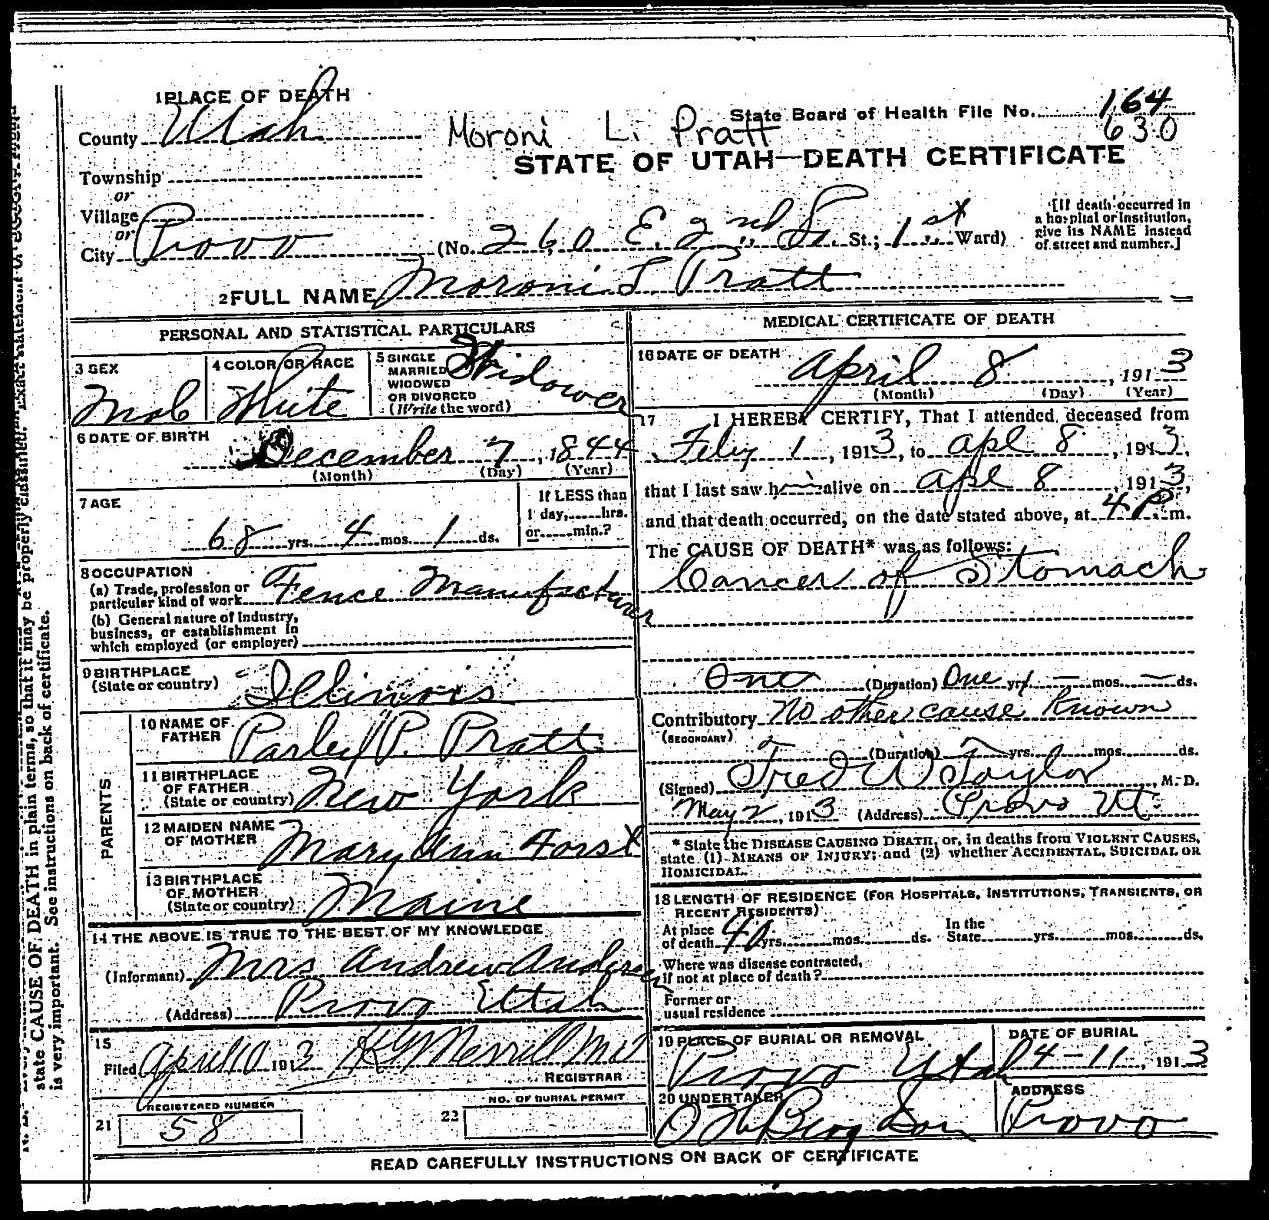 Moroni L. Pratt Death Certificate